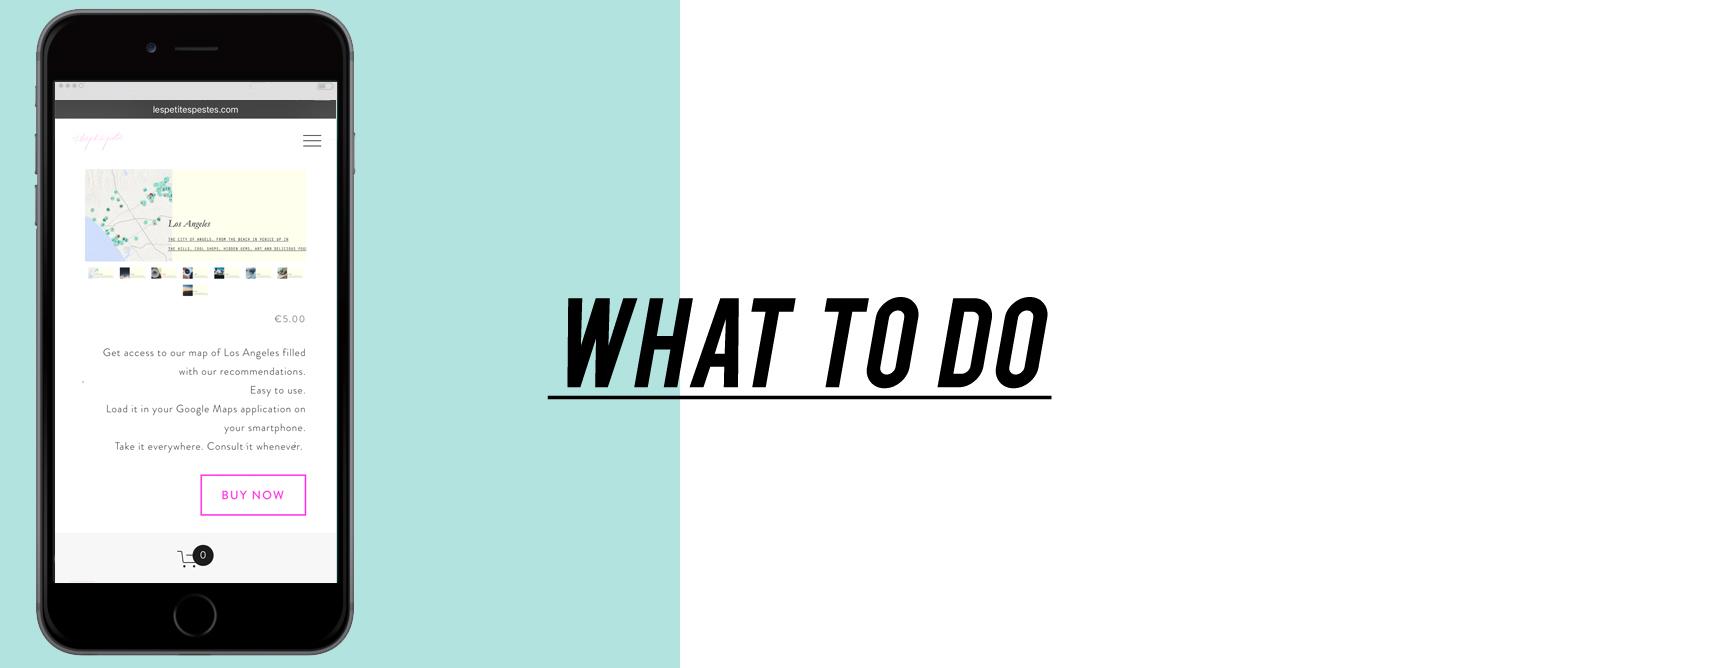 LPPCITYGUIDE-CITYGUIDE-WHAT TO DO-01.jpg